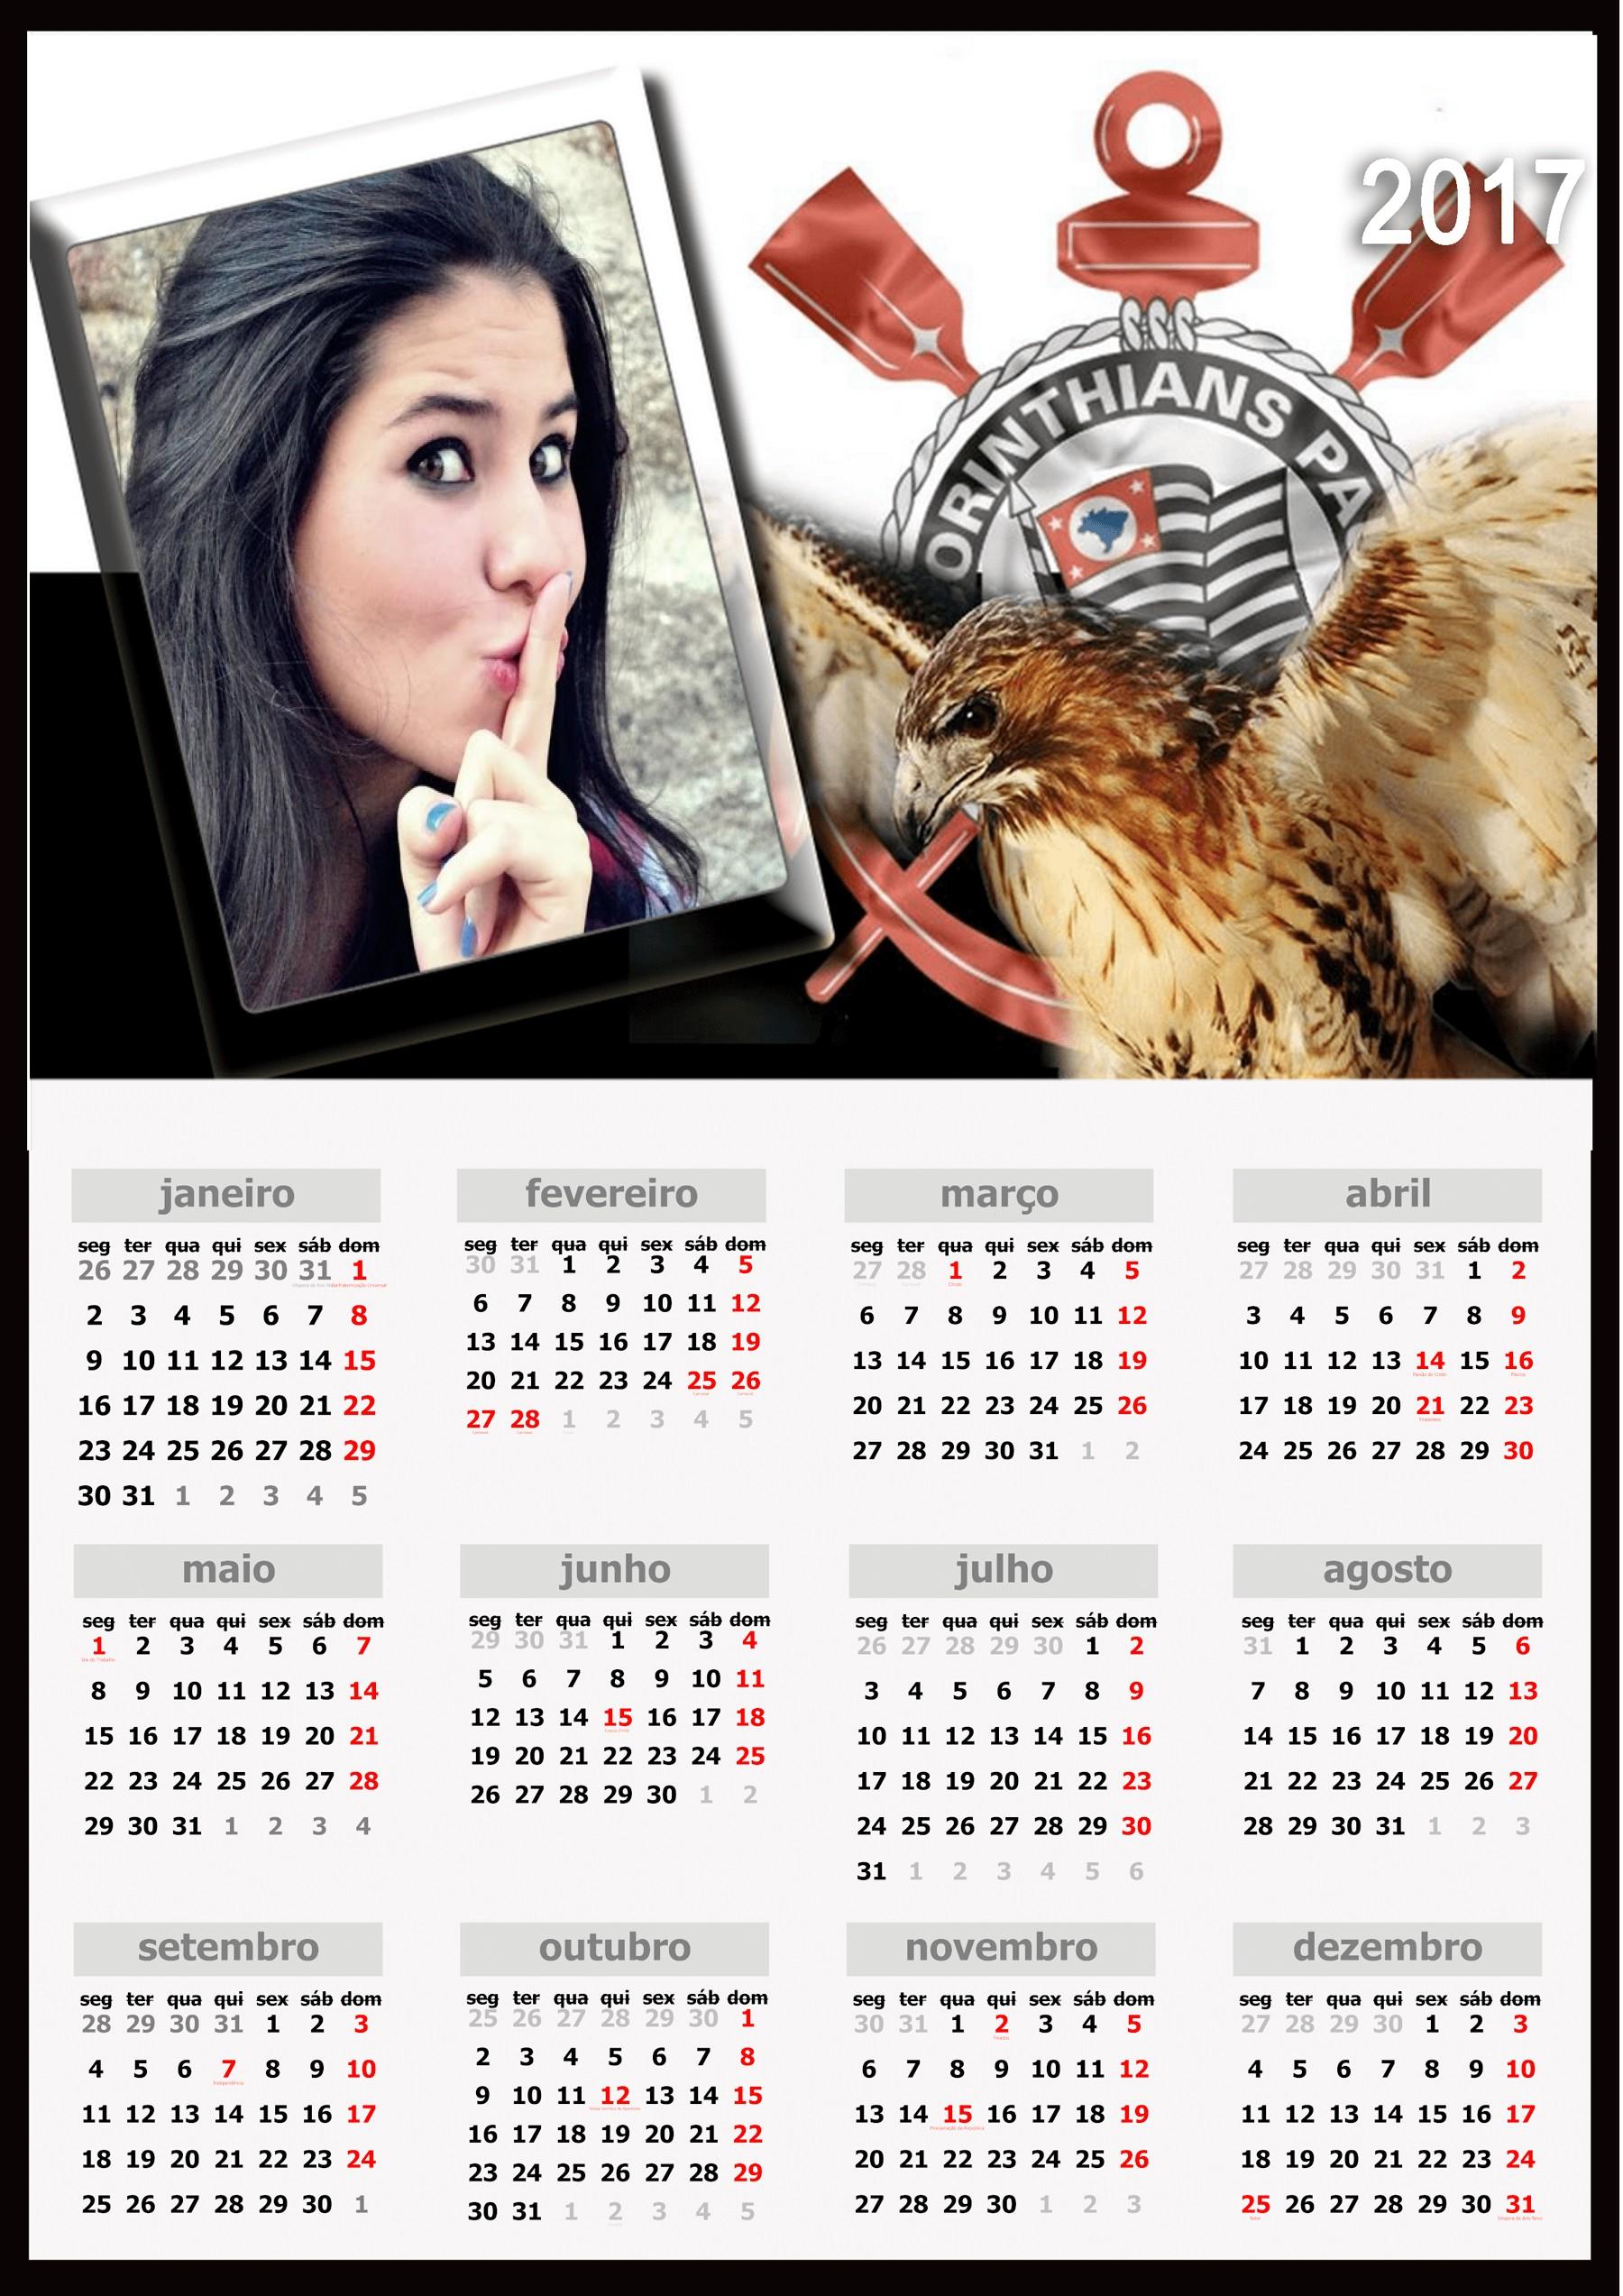 fotomontagem-calendario-time-de-futebol-corinthians-2017